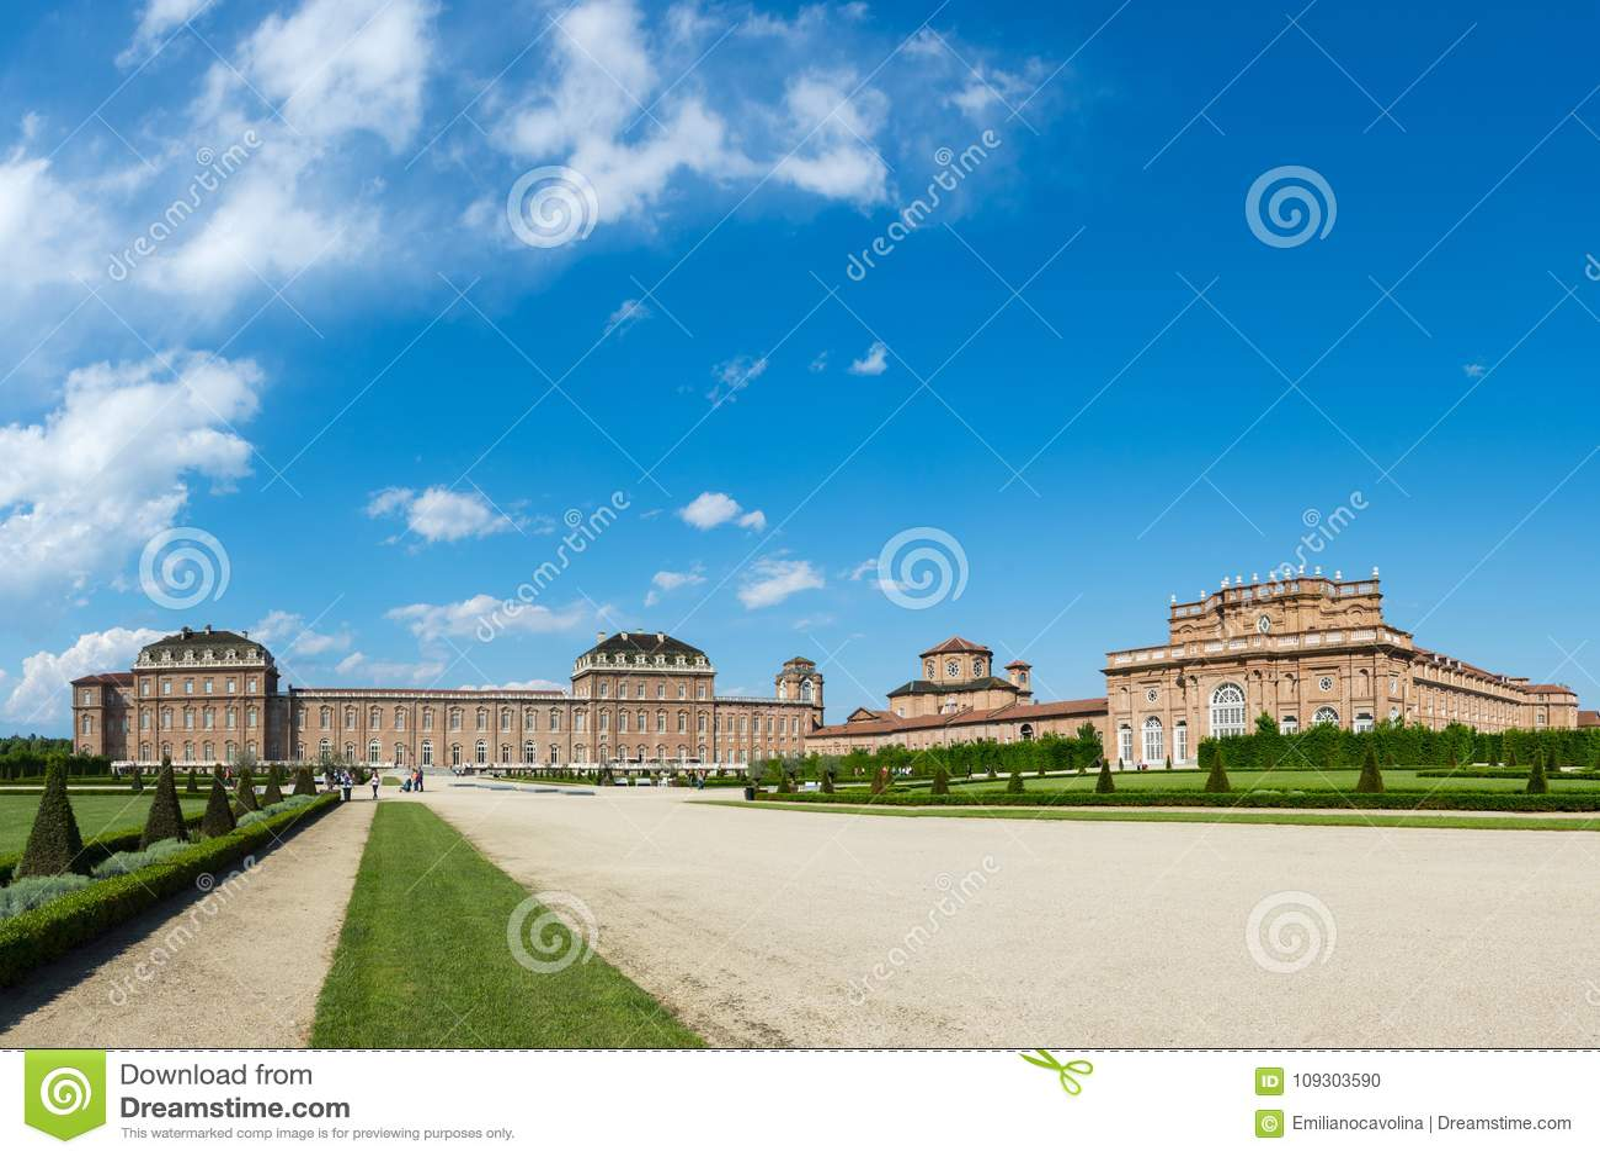 Reggia di Venaria Reale, ancienne résidence royale de la famille de la Savoie, Venaria